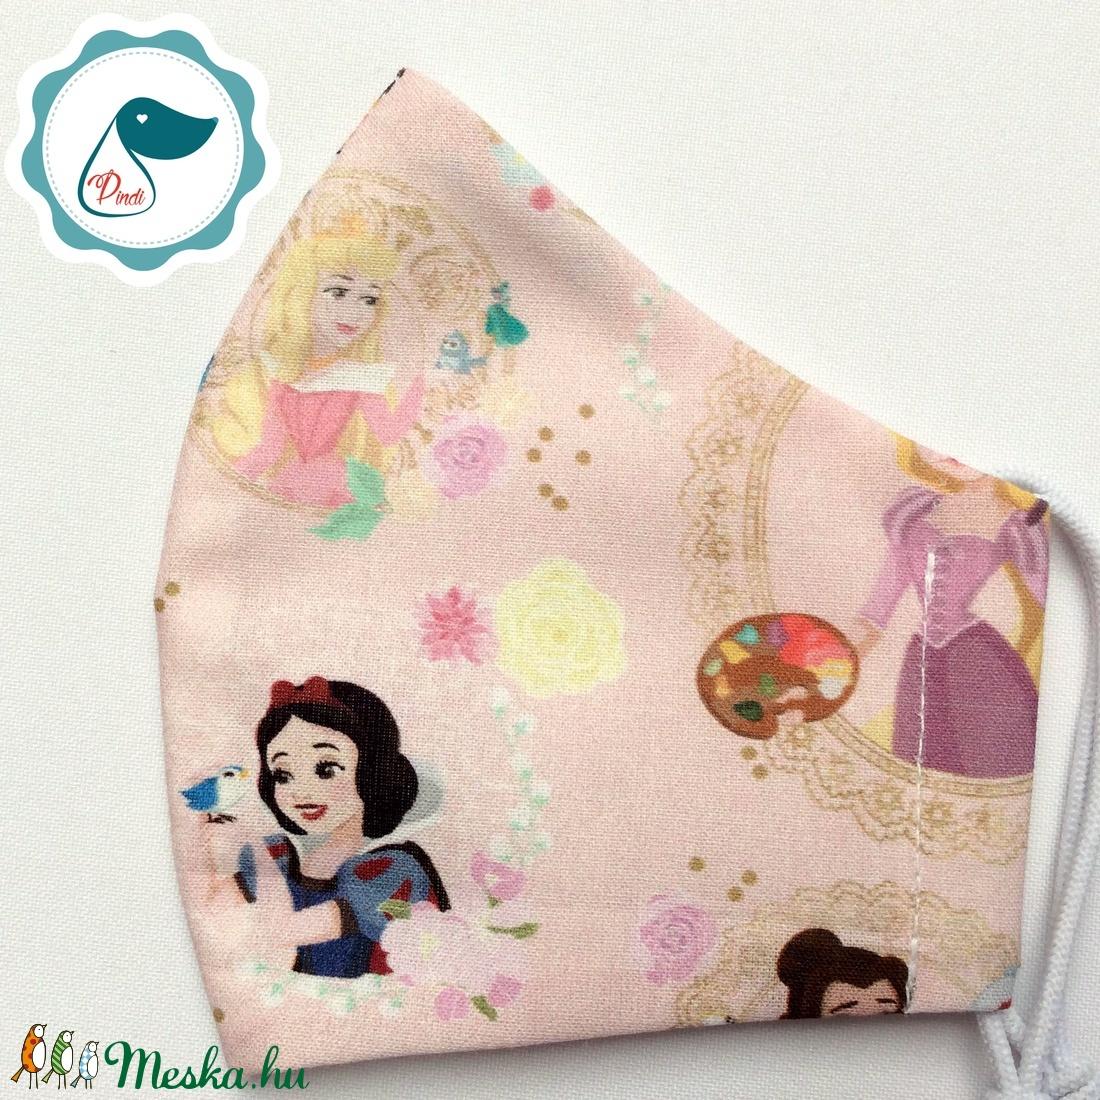 Egyedi - királylényos maszk - gyerek arcmaszk - textil szájmaszk - egészségügyi szájmaszk - mosható szájmaszk - maszk, arcmaszk - gyerek - Meska.hu